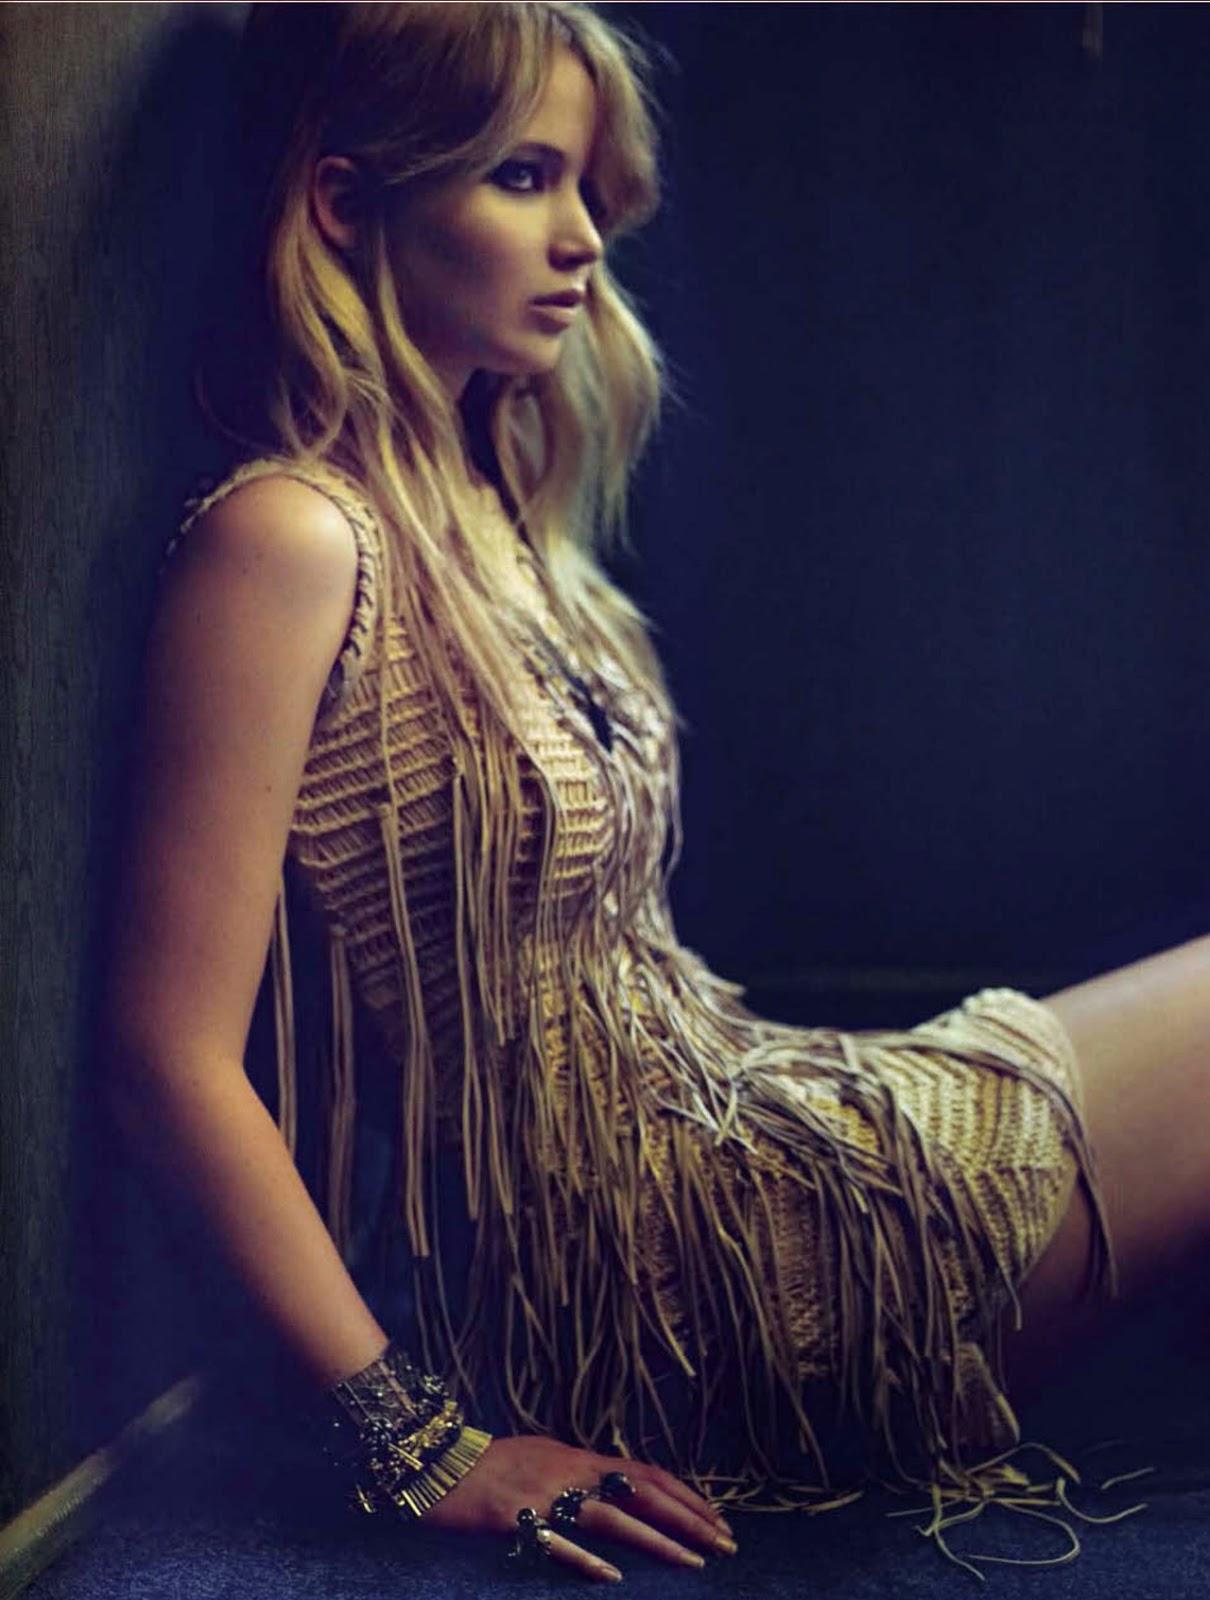 http://3.bp.blogspot.com/-QJ3xsjZw9L4/UMek1-QYleI/AAAAAAABMHY/LydbRGl_8PE/s1600/Jennifer_Lawrence-Vogue_Italia-December_2012-002.jpg